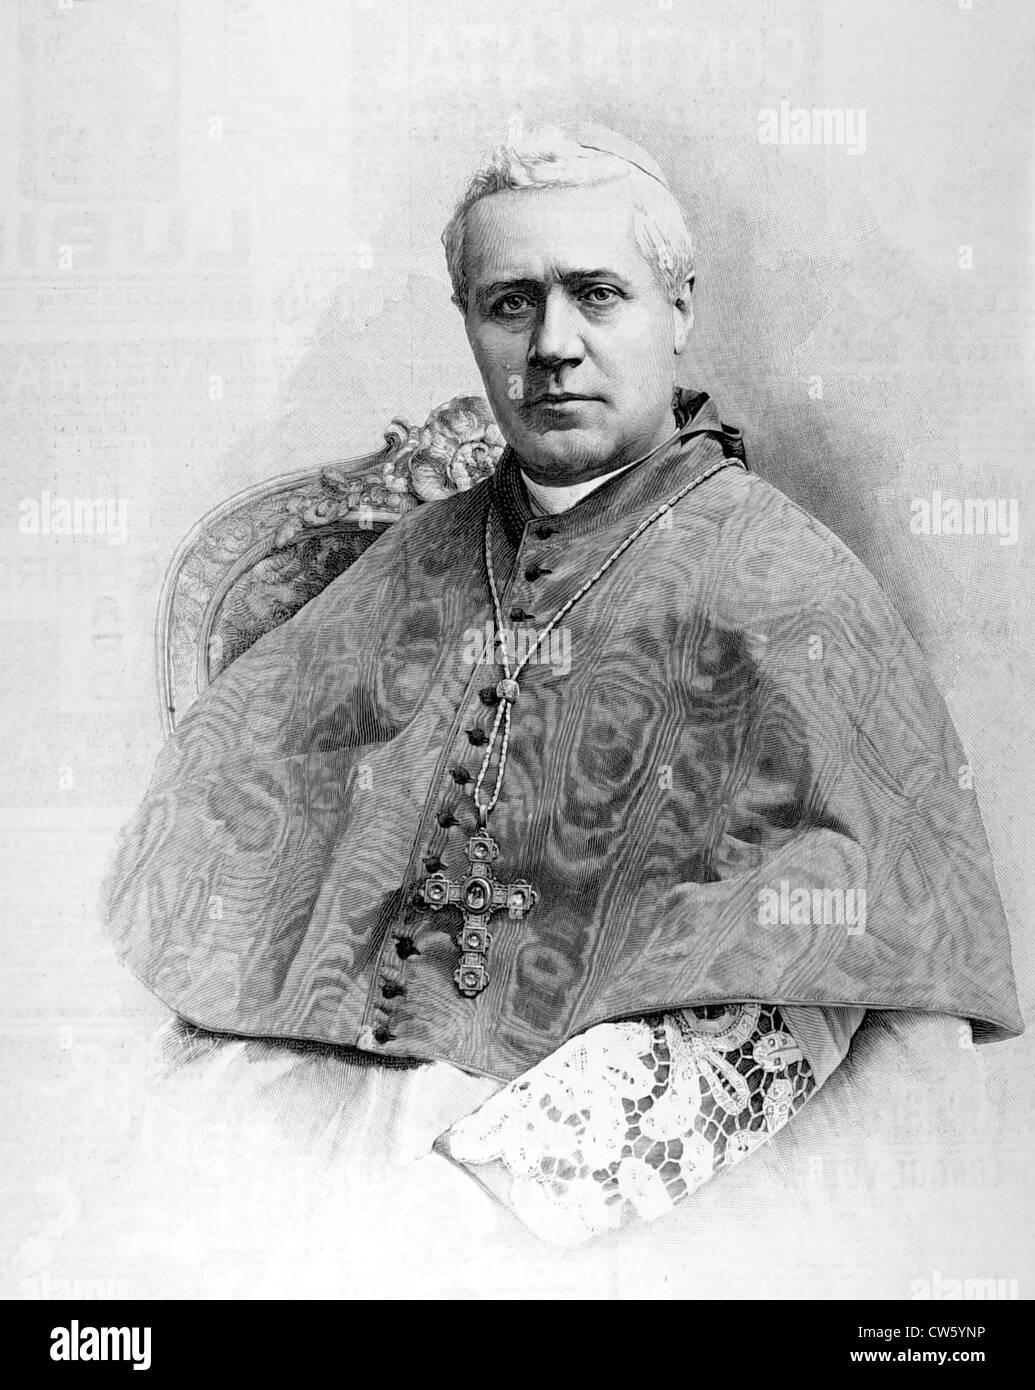 Cardinal Giuseppe Sarto, patriarch of Venice, elected pope (1903) - Stock Image